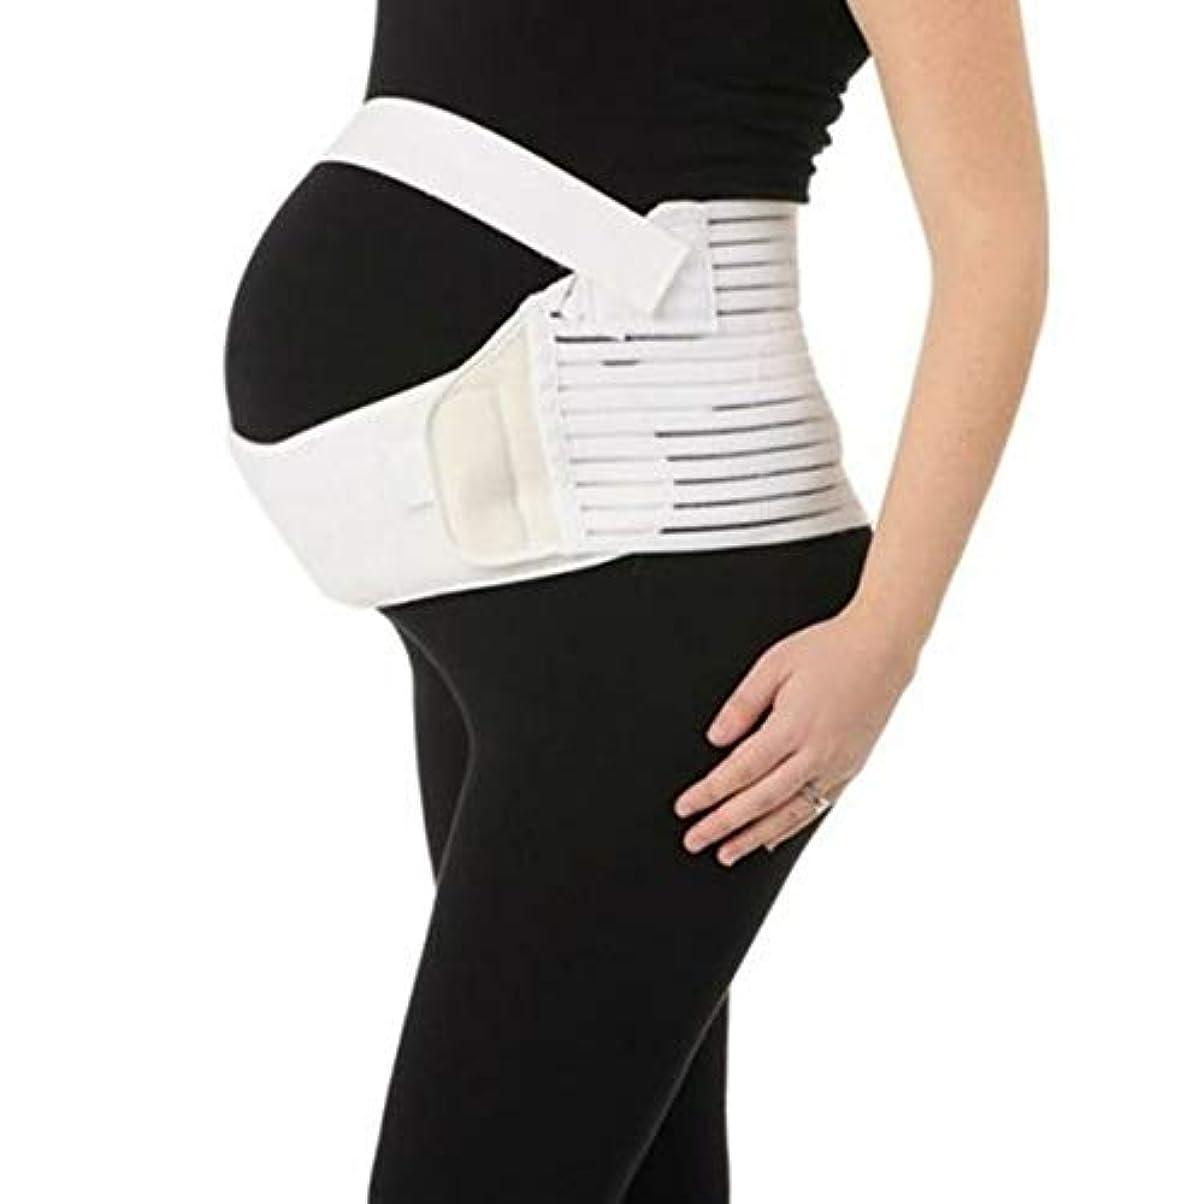 打たれたトラックベイビードキュメンタリー通気性マタニティベルト妊娠腹部サポート腹部バインダーガードル運動包帯産後回復形状ウェア - ホワイトXL